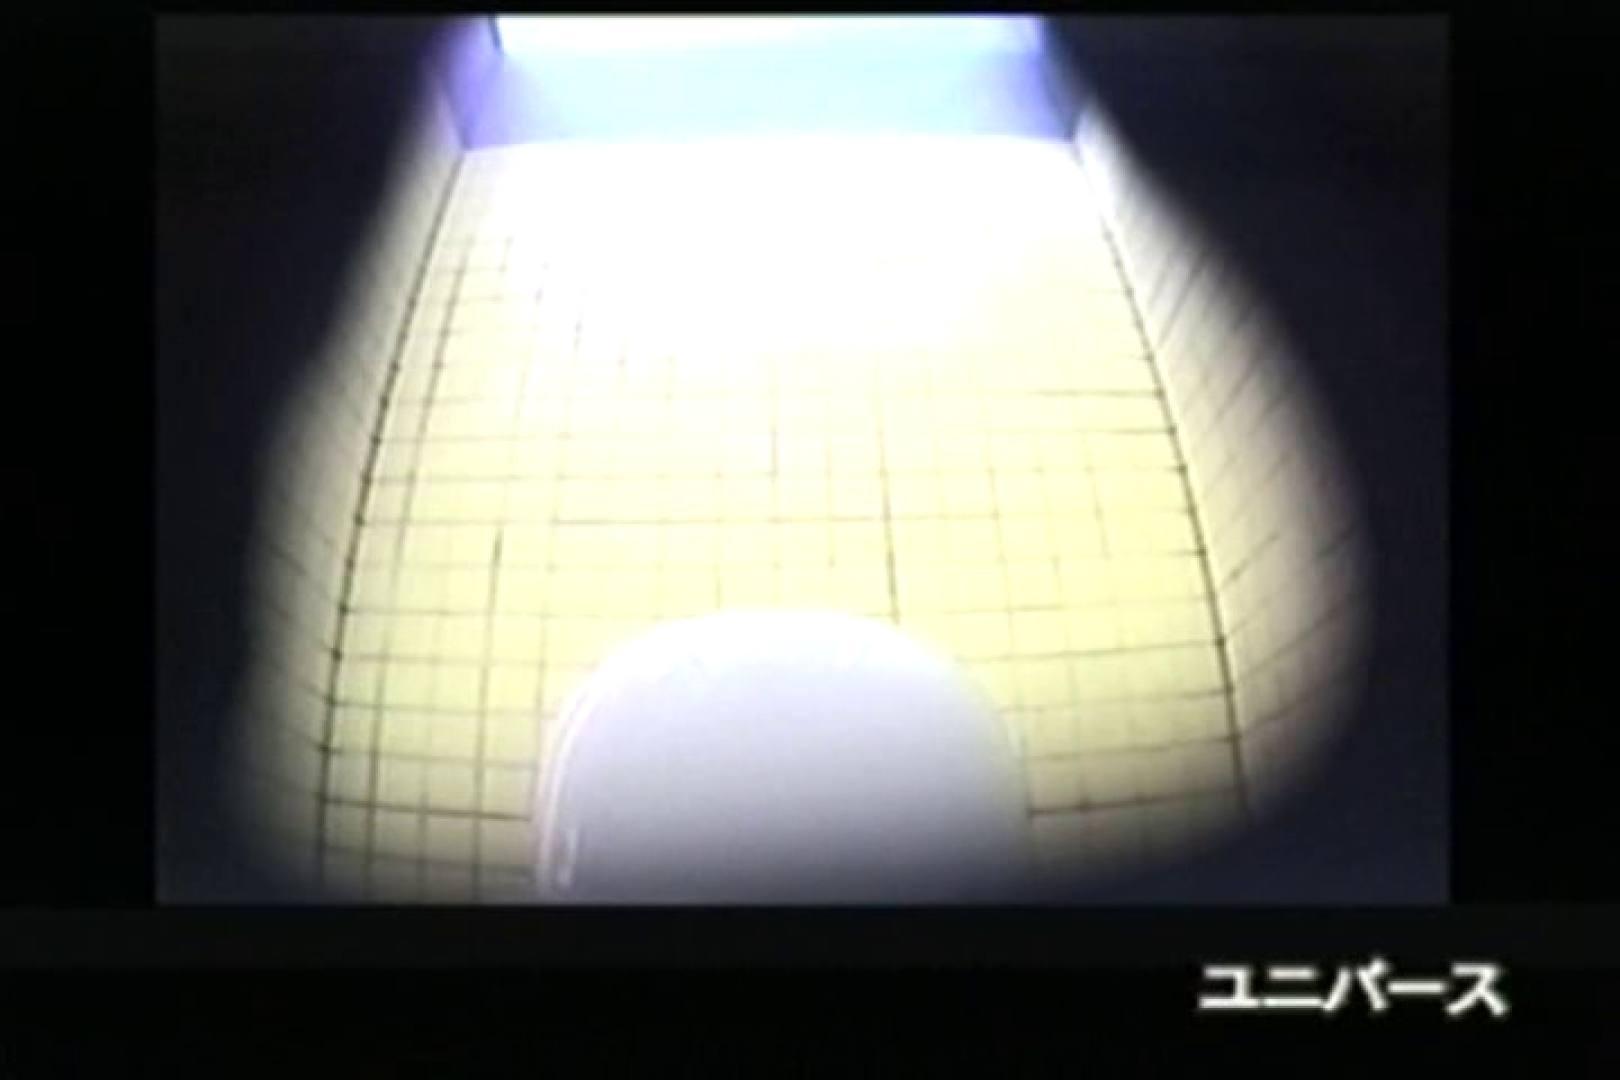 下半身シースルー洗面所Vol.4 OLヌード天国 | ギャル  91PIX 4